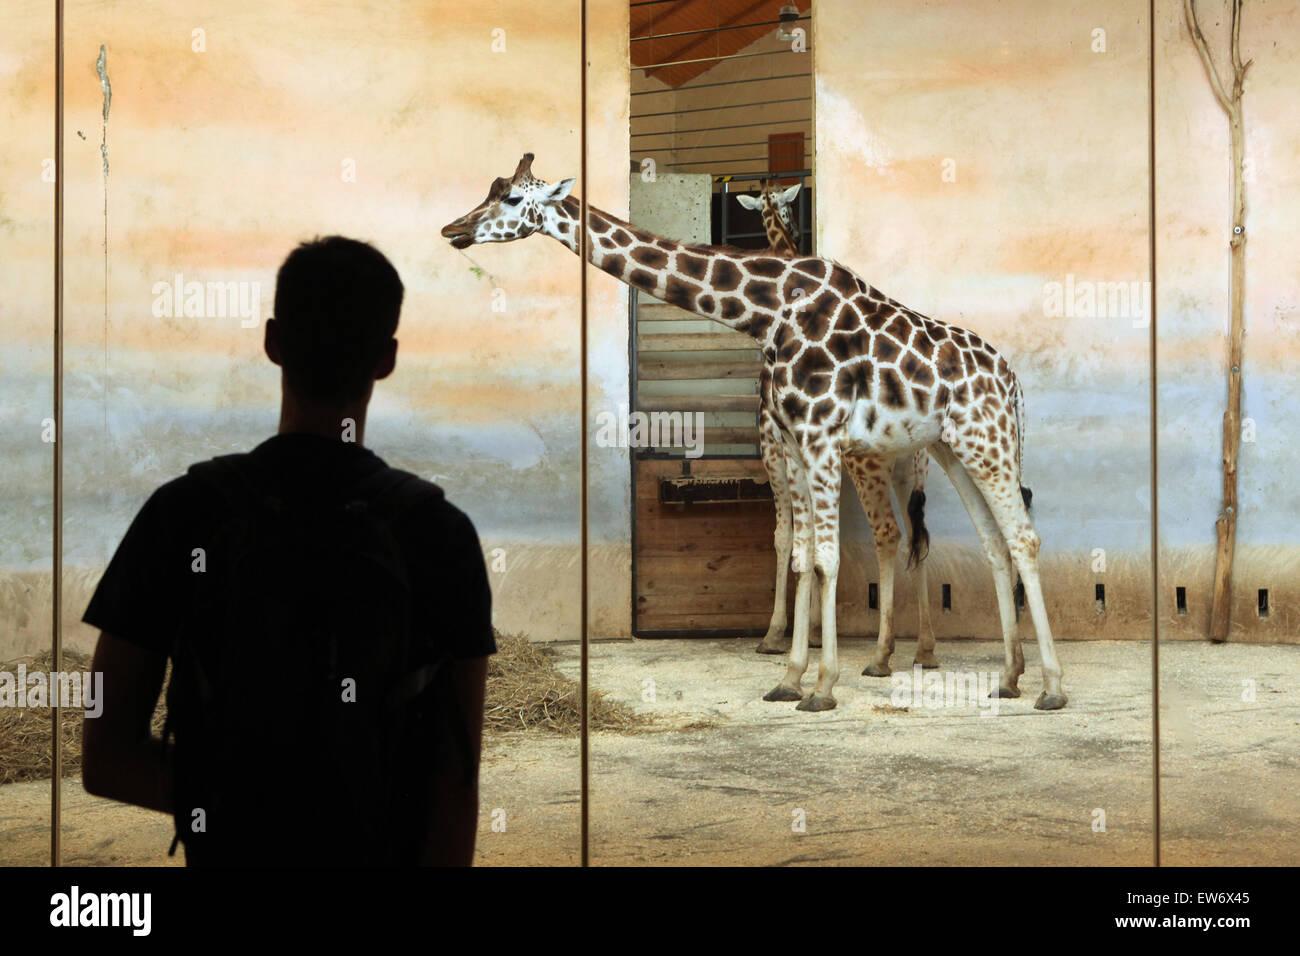 Besucher schaut der Rothschild-Giraffen (Giraffa Plancius Rothschildi) im Zoo von Prag, Tschechische Republik. Stockfoto